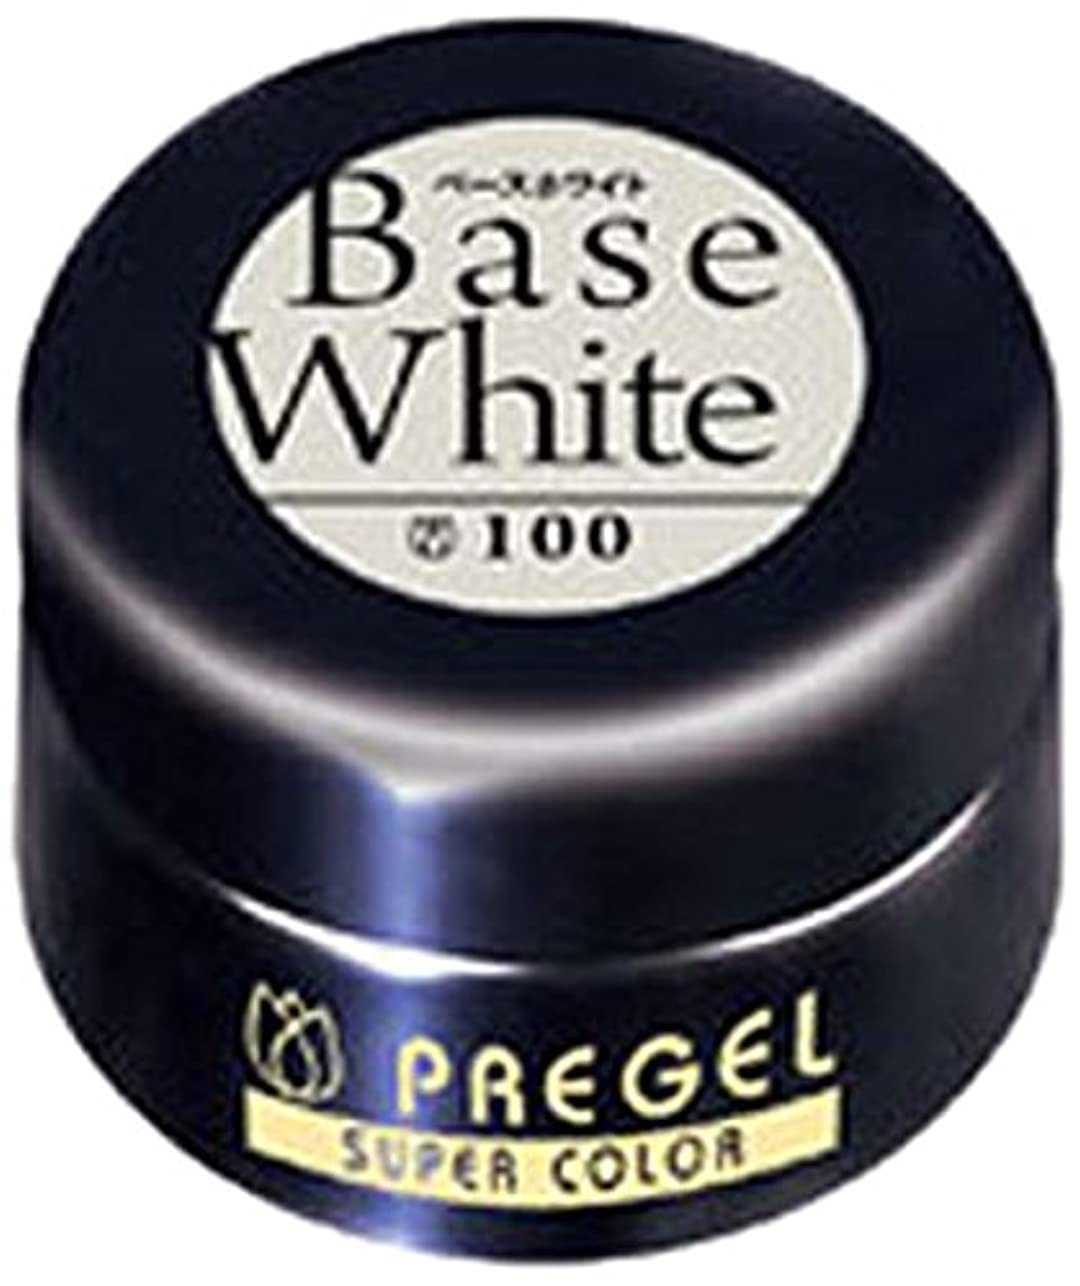 やろう気分が良い反逆者プリジェル スーパーカラーEX ベースホワイト 4g PG-SE100 カラージェル